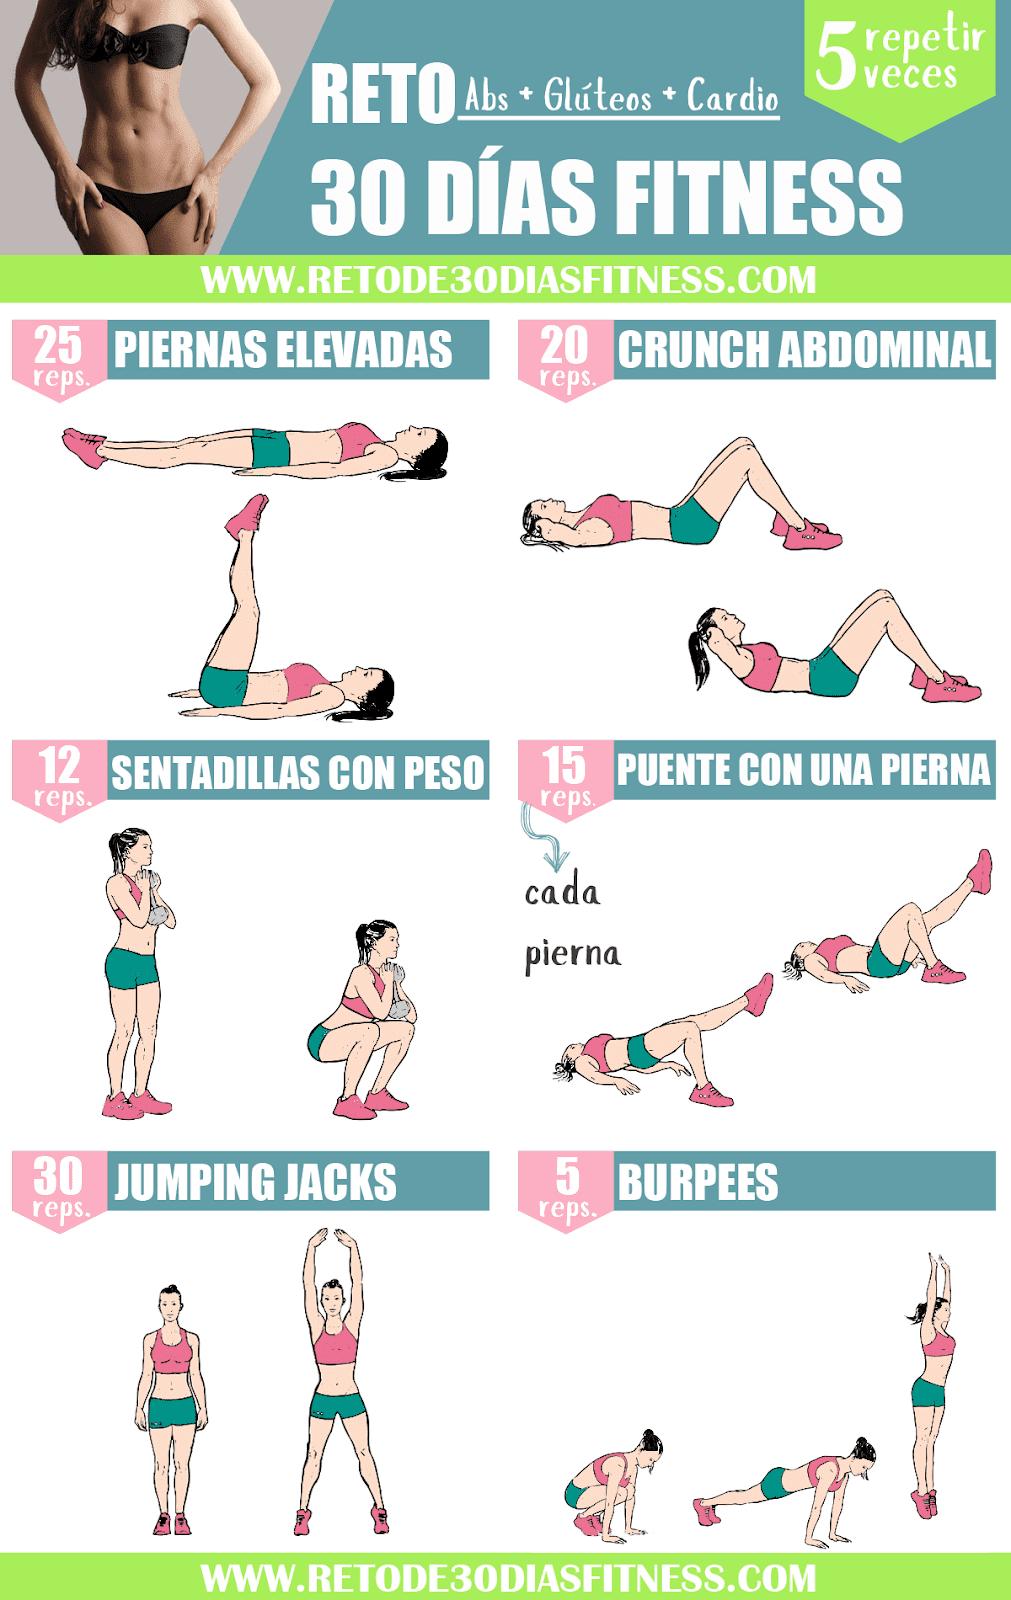 ejercicios para fortalecer los piernas en casa